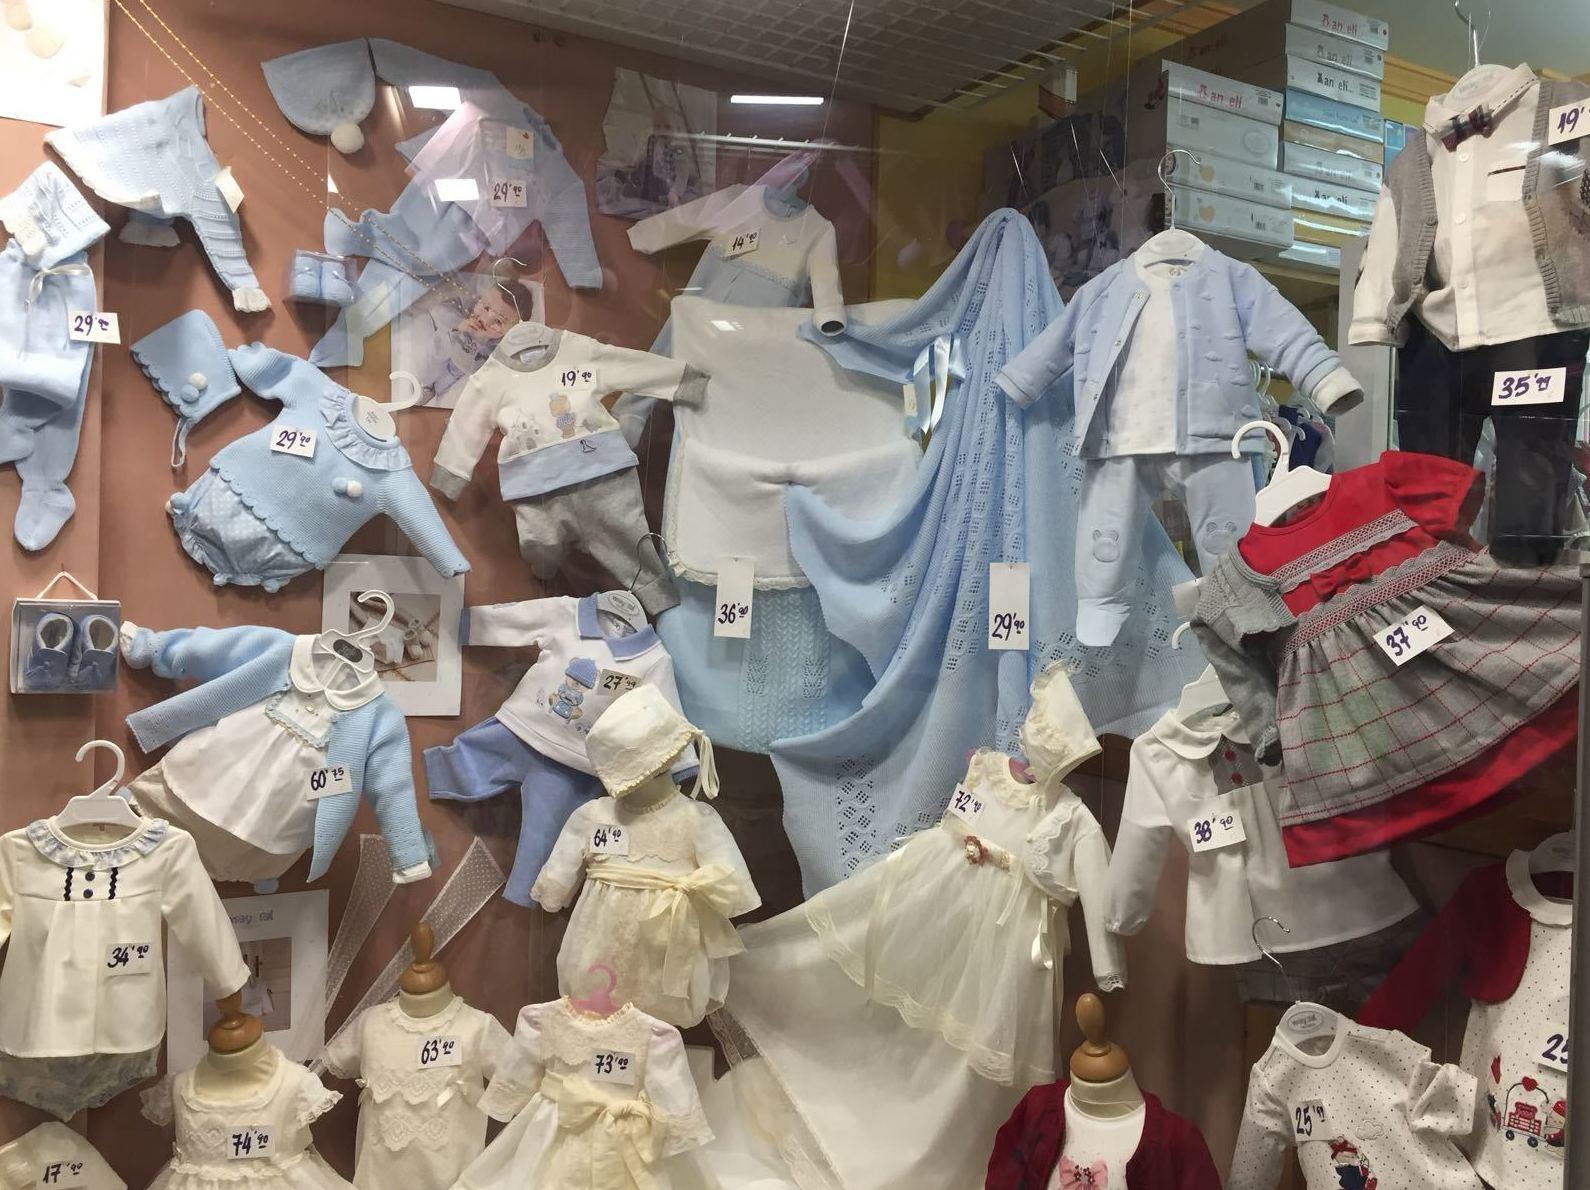 Foto 16 de Moda infantil para niños y niñas en Málaga | Anasu